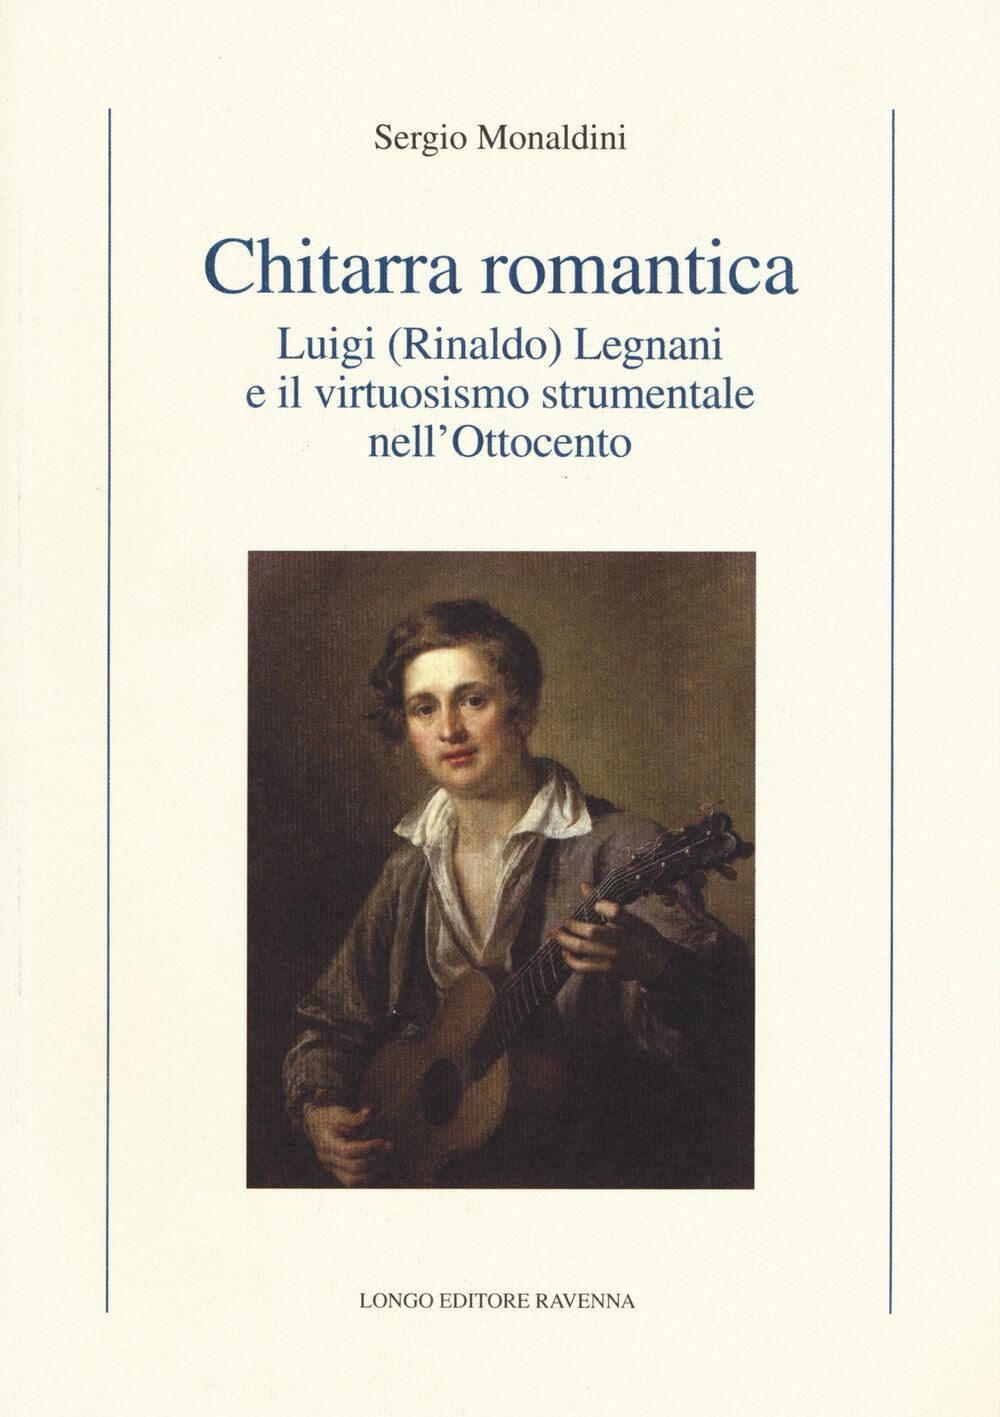 Chitarra romantica. Luigi (Rinaldo) Legnani e il virtuosismo strumentale nell'Ottocento